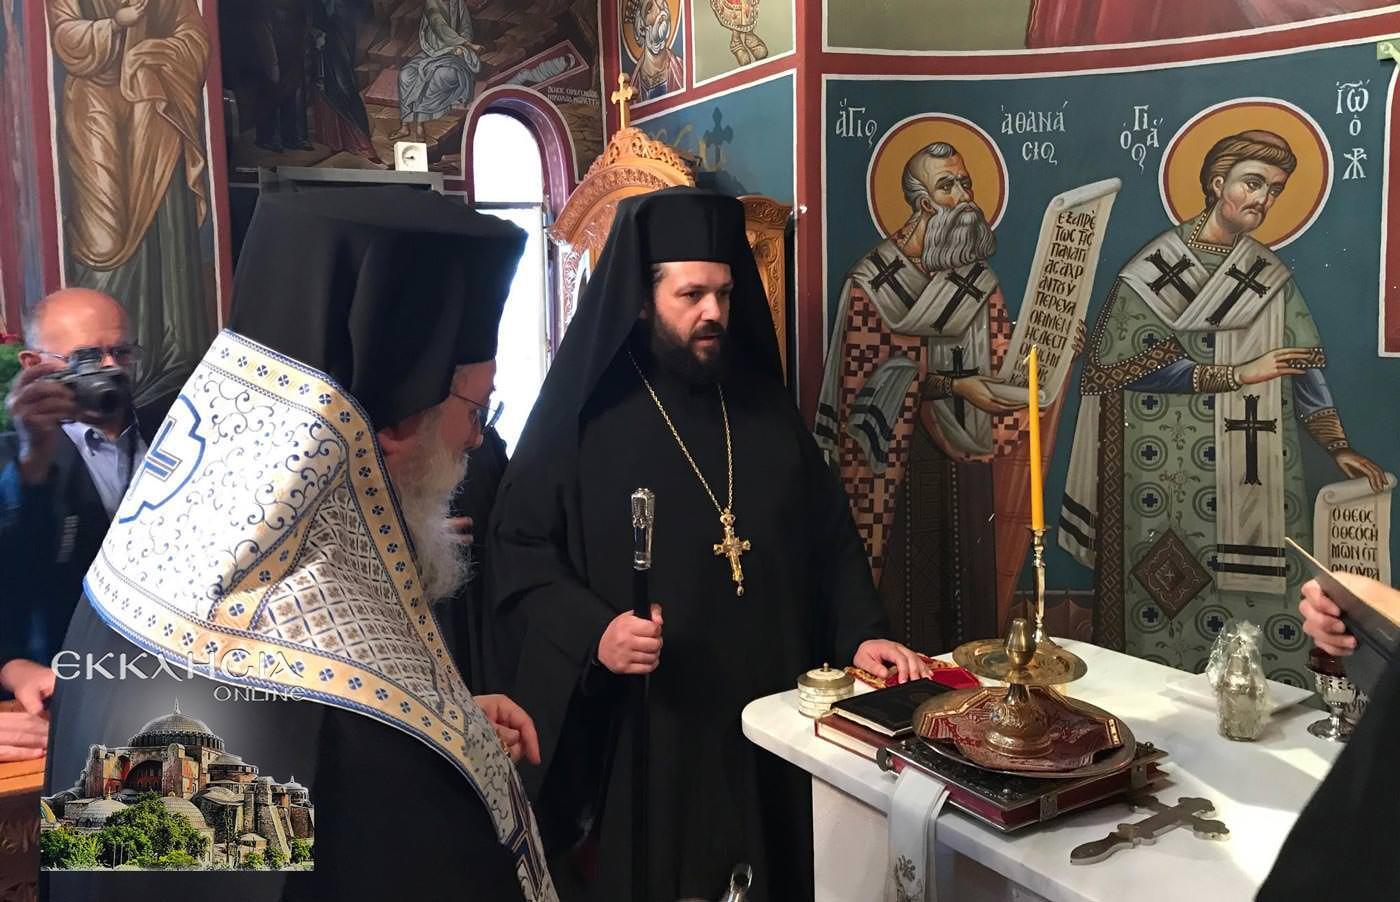 Εγκαίνια Ιερού Ναού Αγίας Ειρήνης Κηφισιά 2019